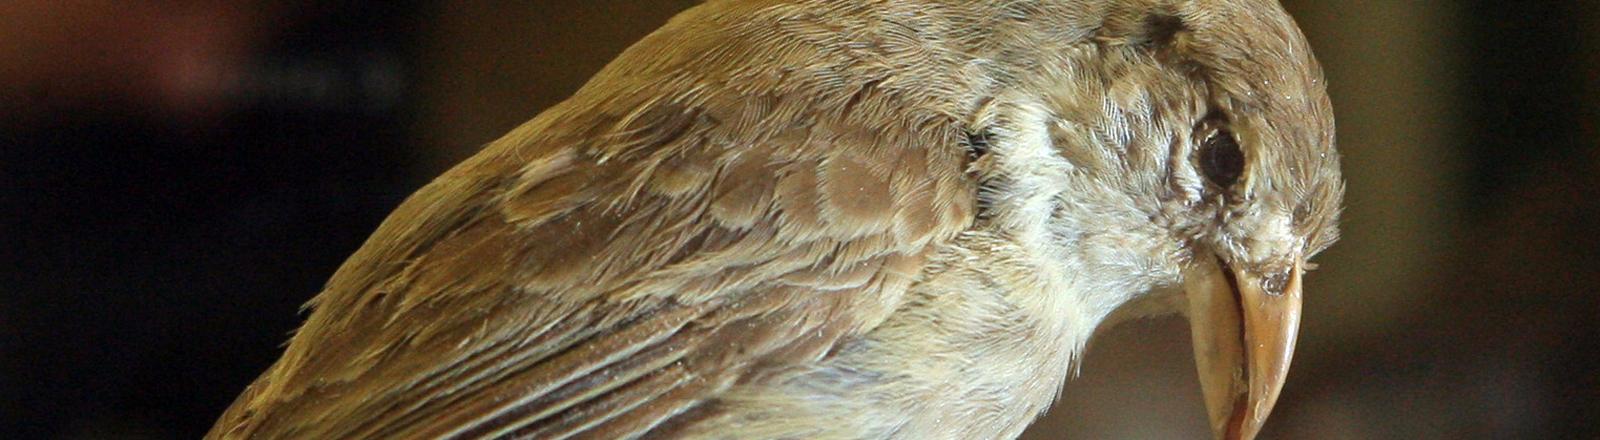 Mit Insektiziden getränkte Wattebäusche sollen Darwinfinken vor dem Aussterben retten.